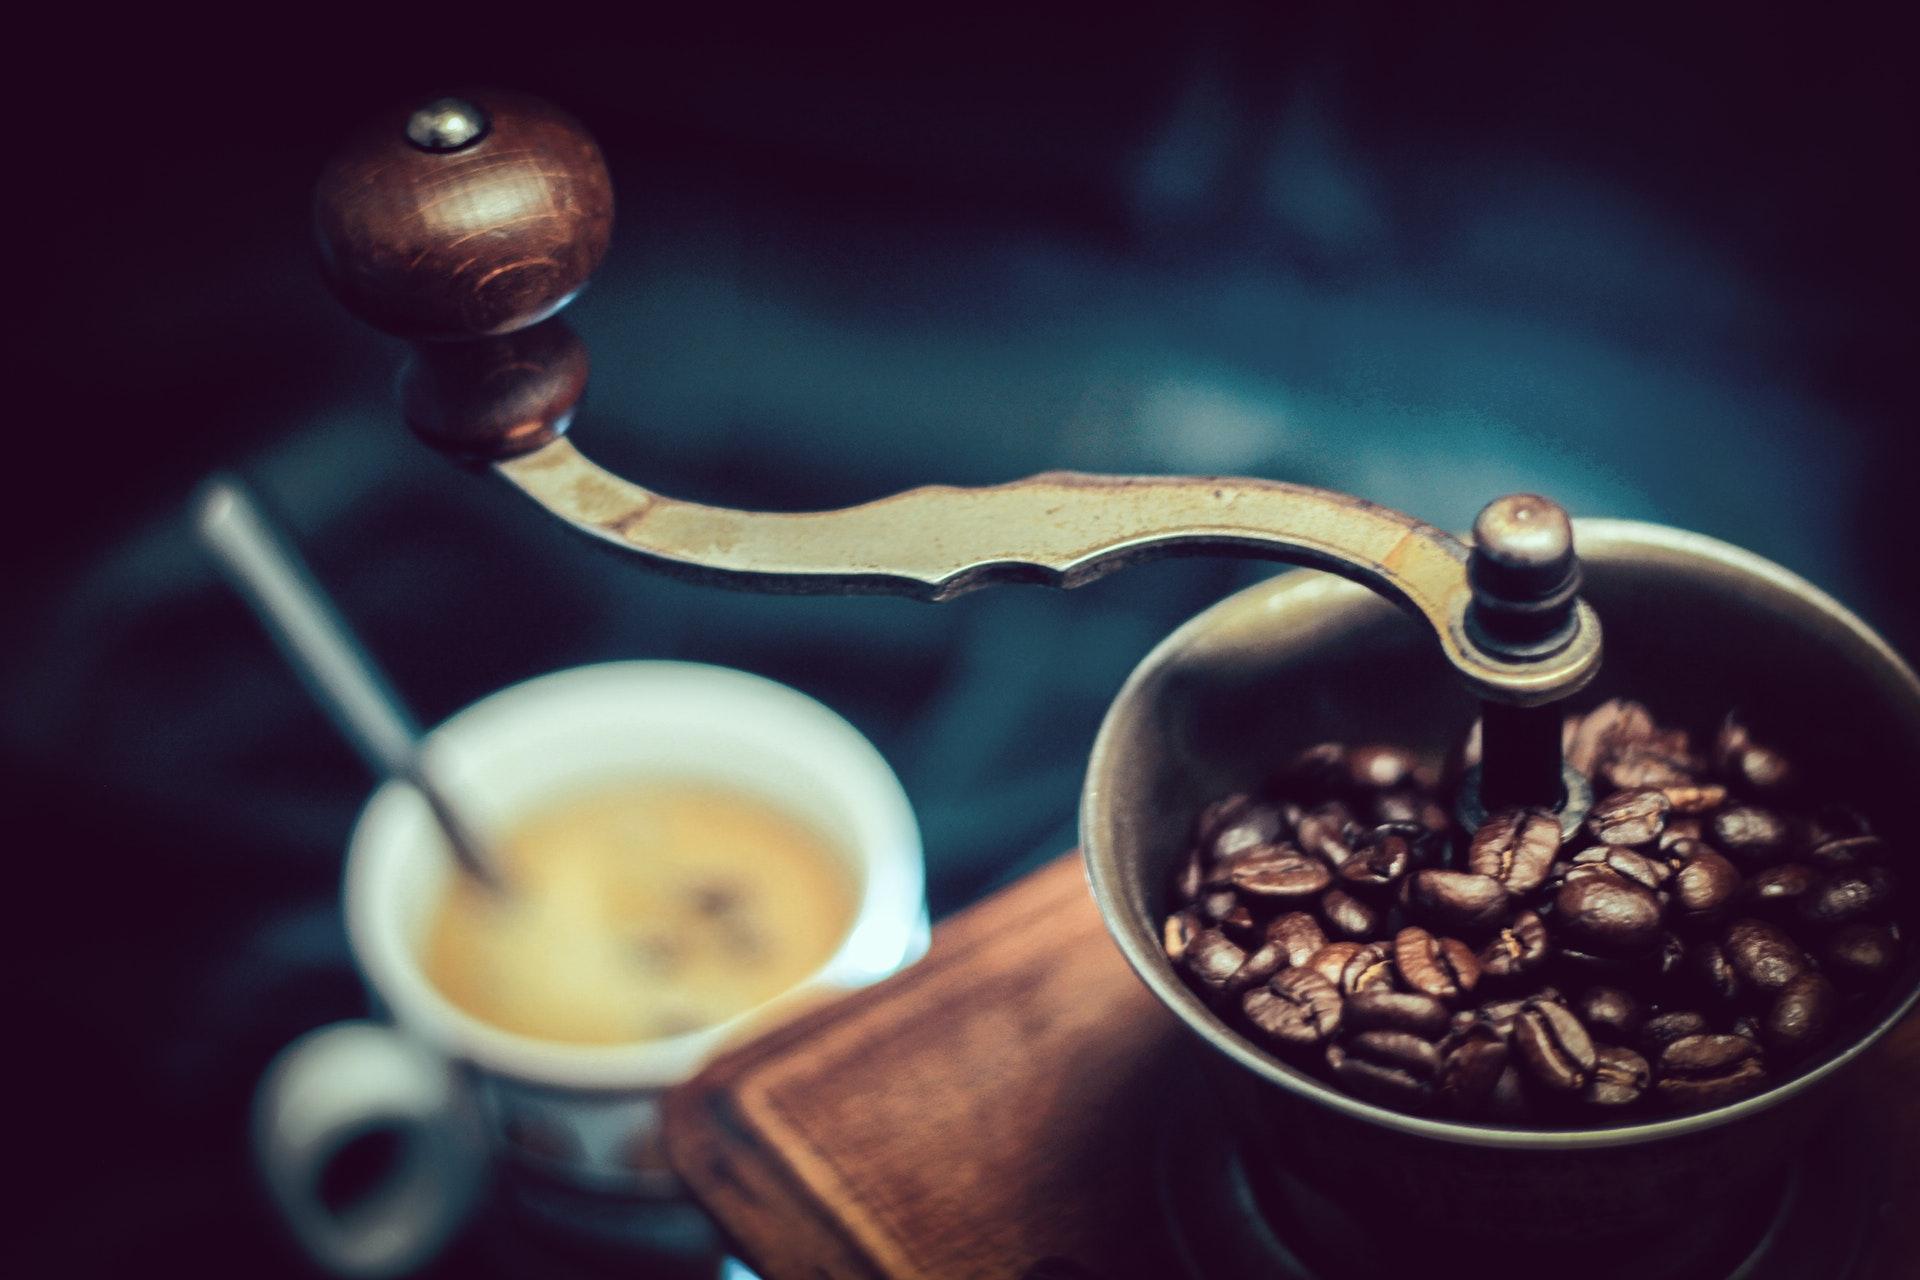 Perinteinen käsikäyttöinen kahvimylly sopii jokapäiväiseen käyttöön